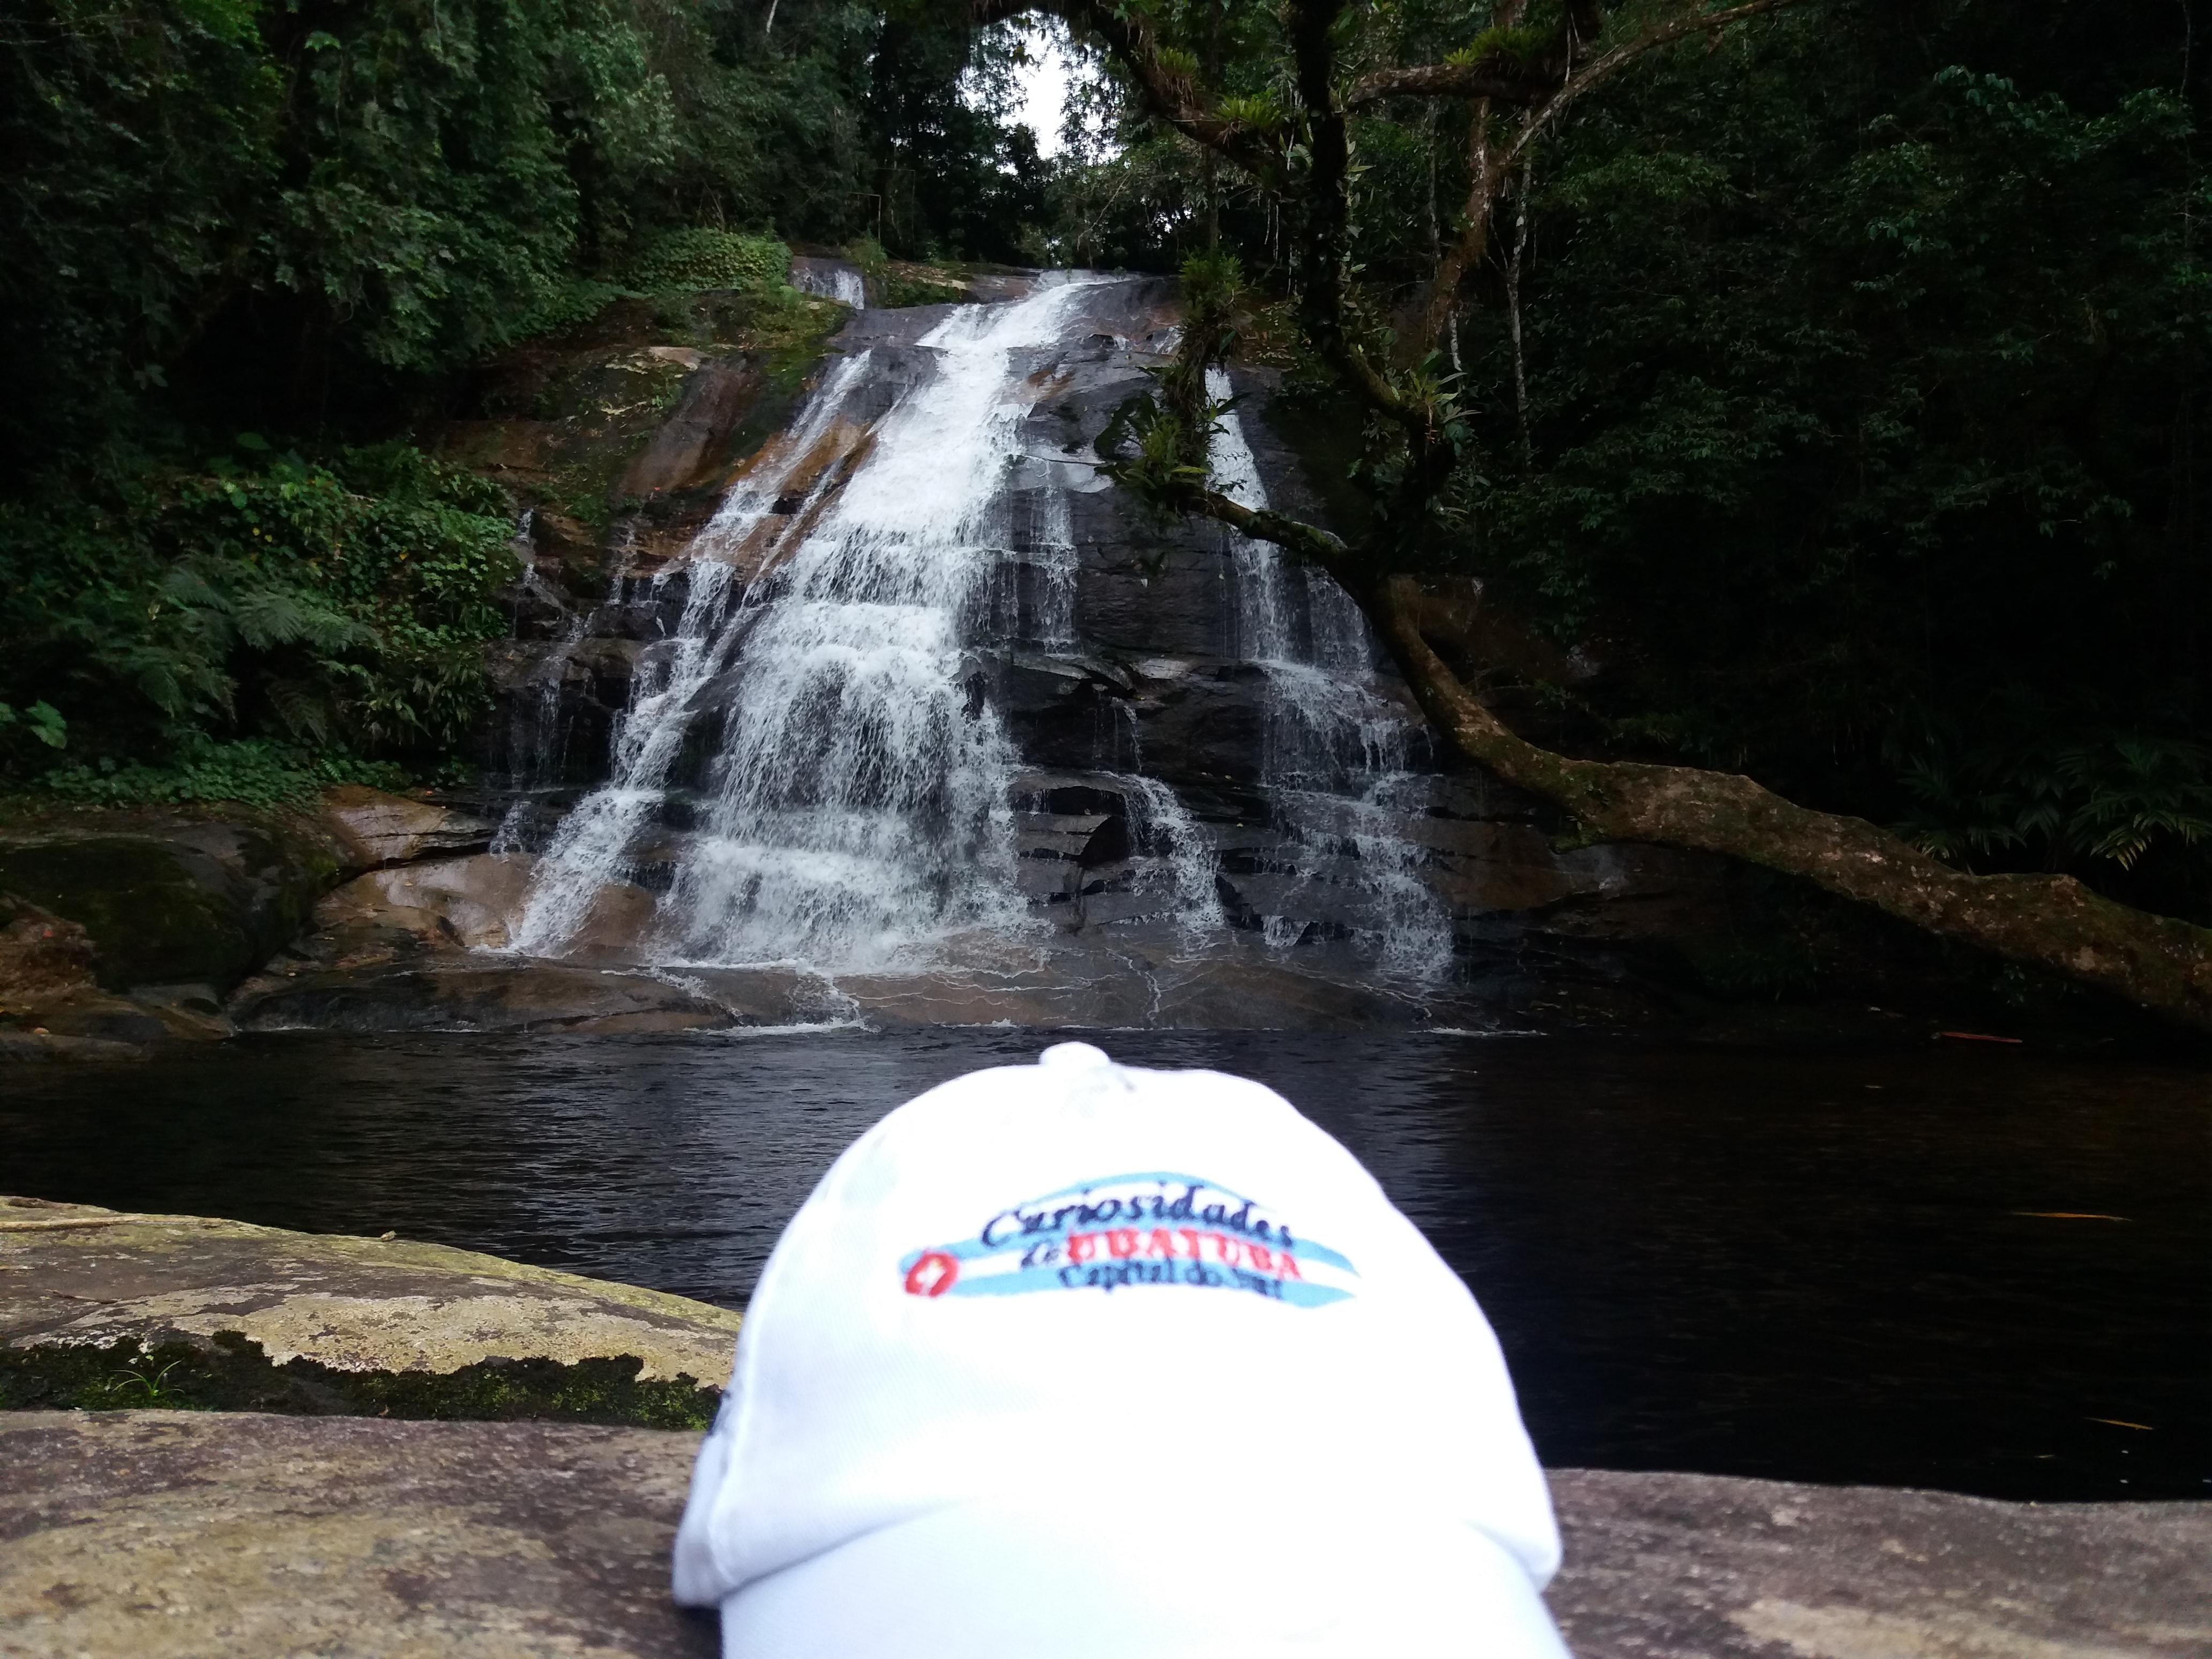 Cachoeira do Tombador